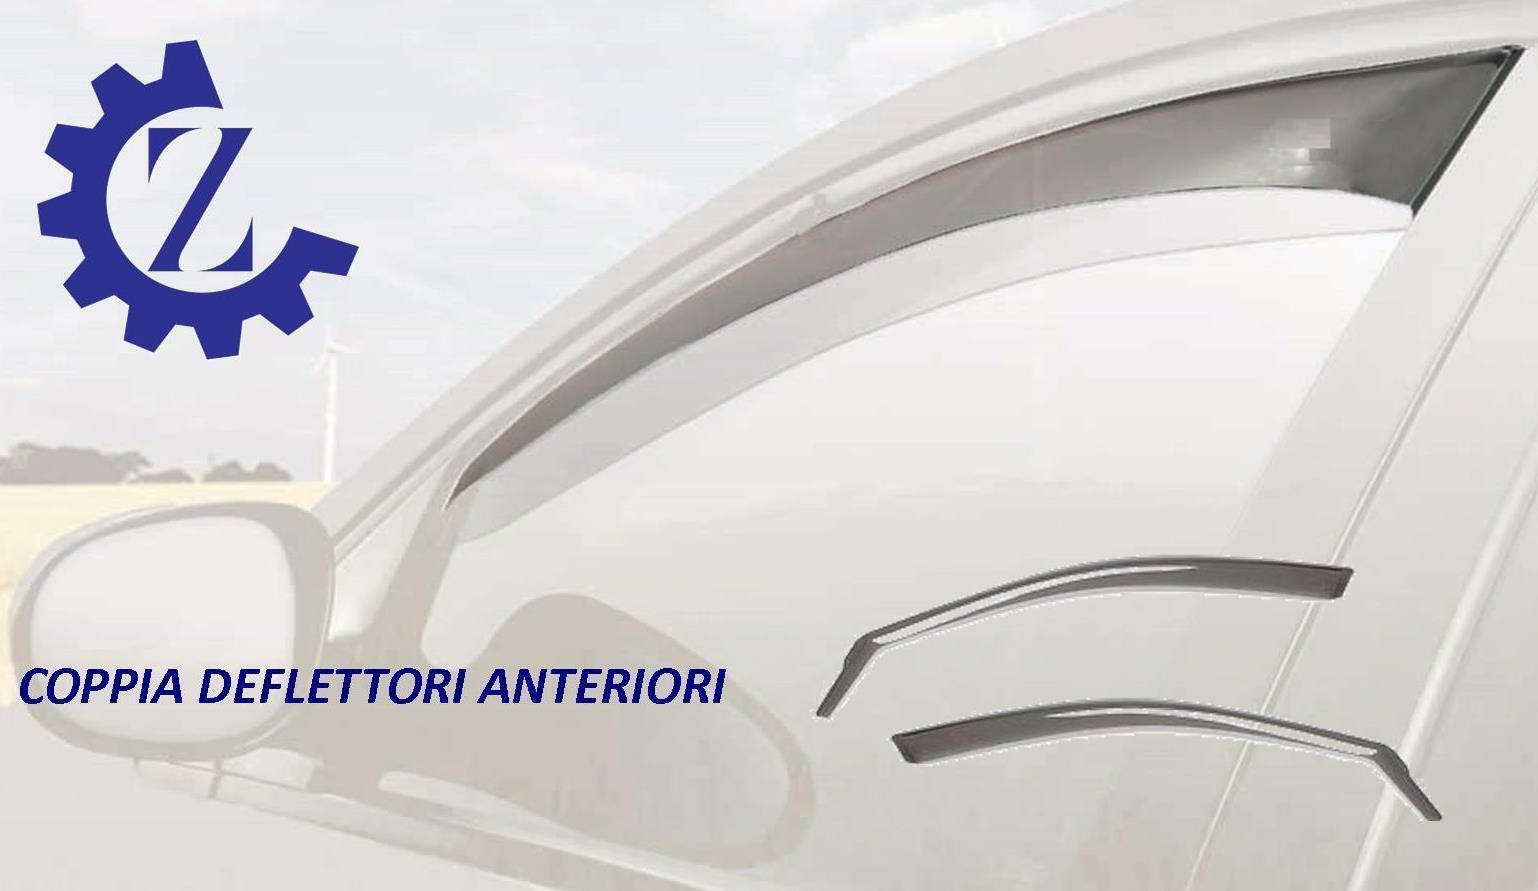 DEFLETTORI ARIA ANTITURBO PER RENAULT CLIO 97-